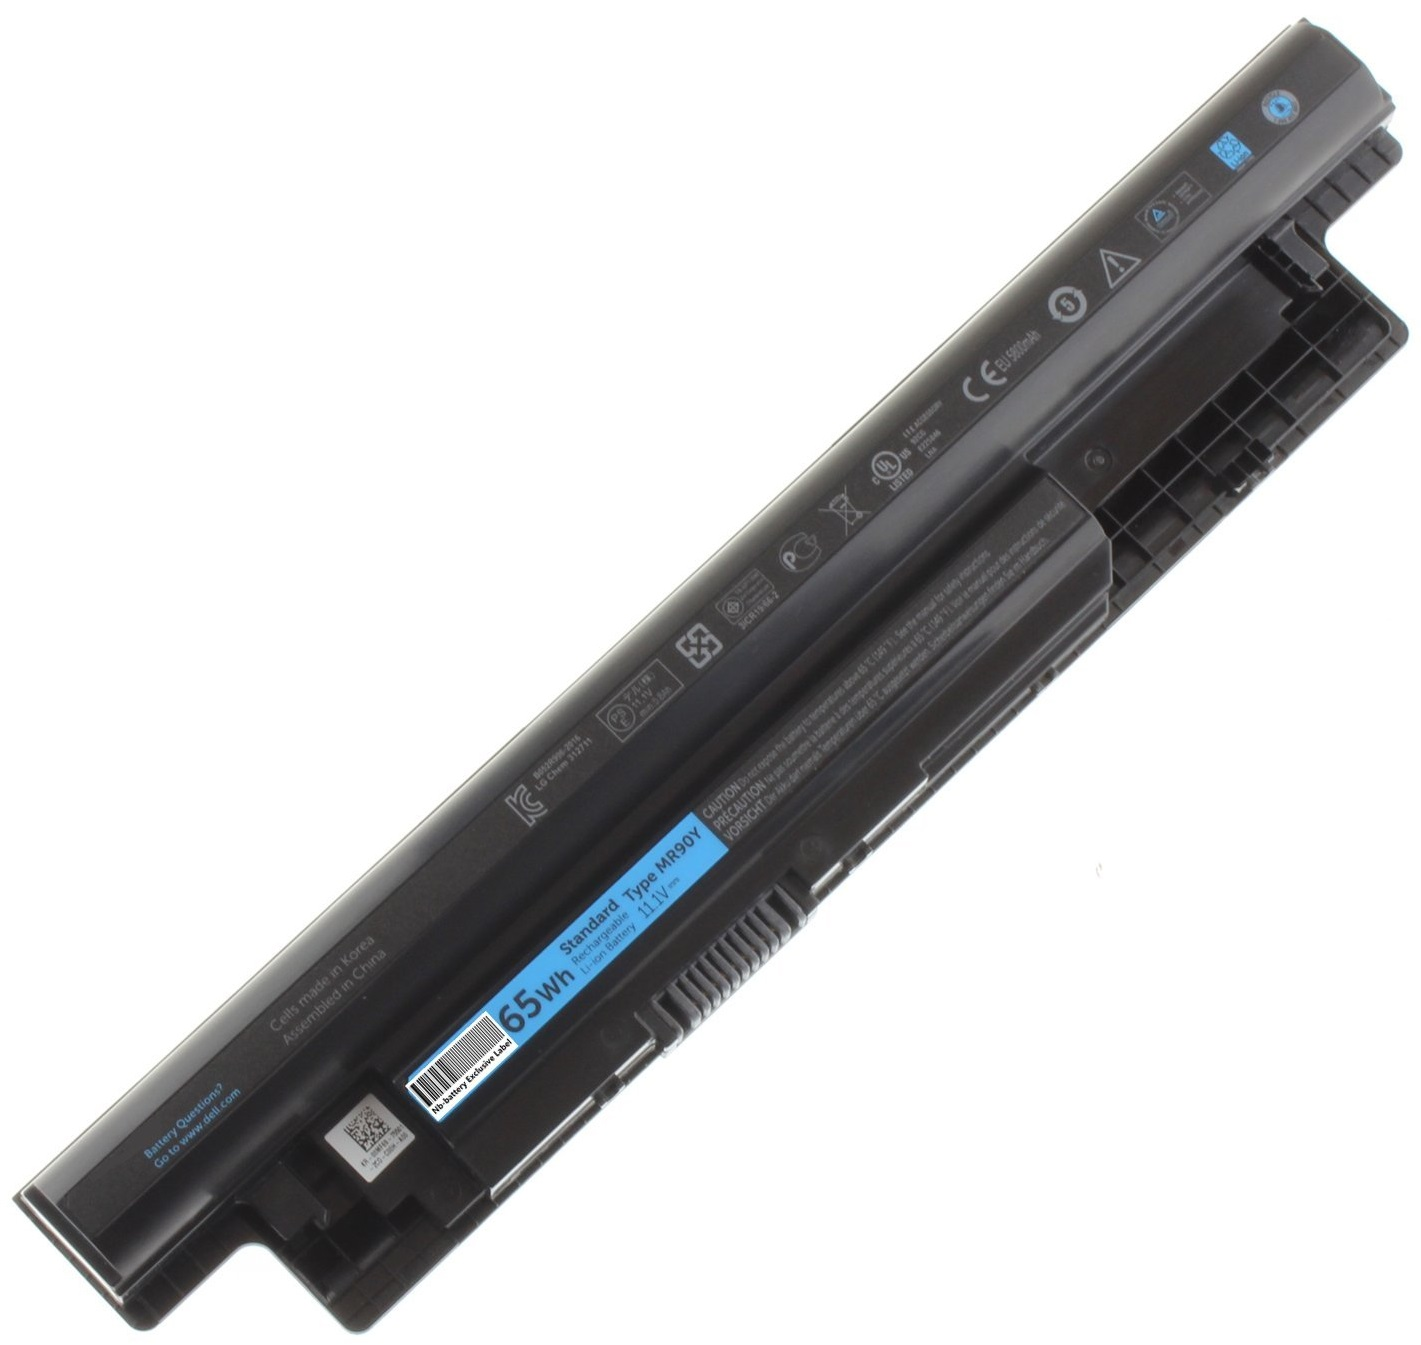 Dell 65W/HR (451-12104) - аккумуляторная батарея для ноутбуков Dell